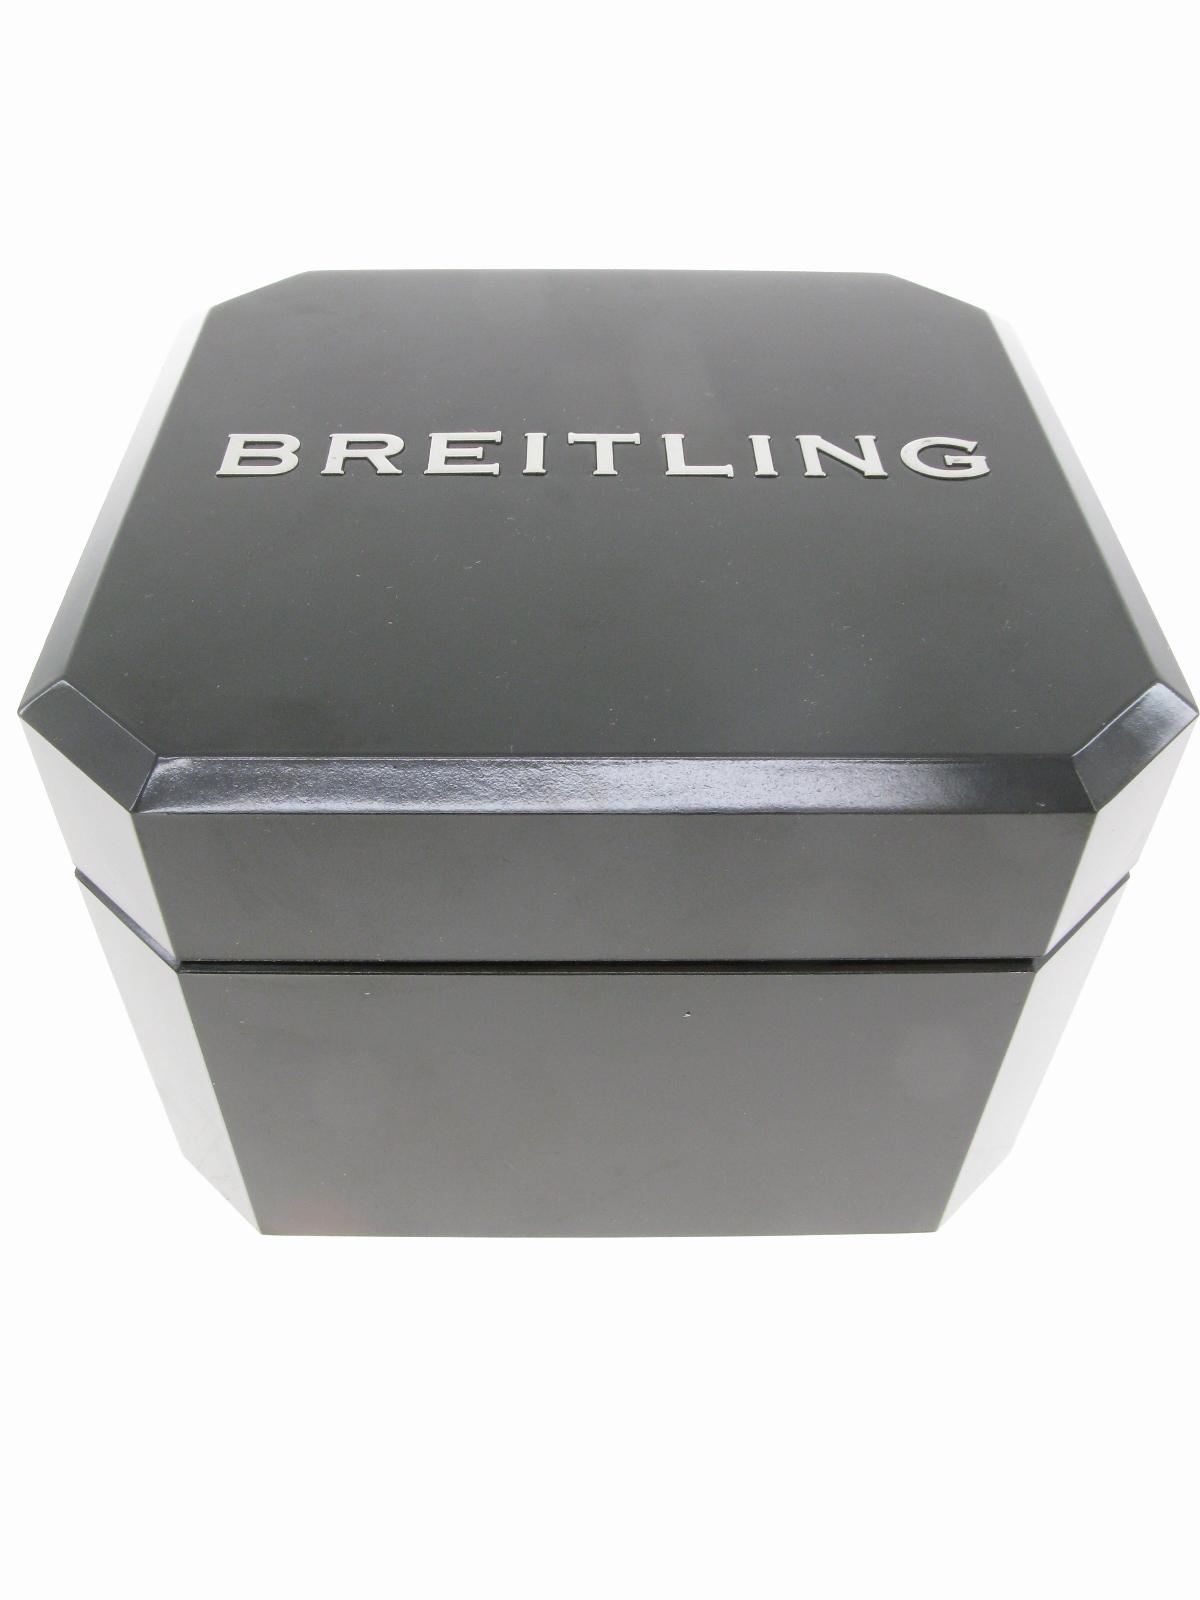 breitling bakelit box inkl schachtel beizettel ebay. Black Bedroom Furniture Sets. Home Design Ideas